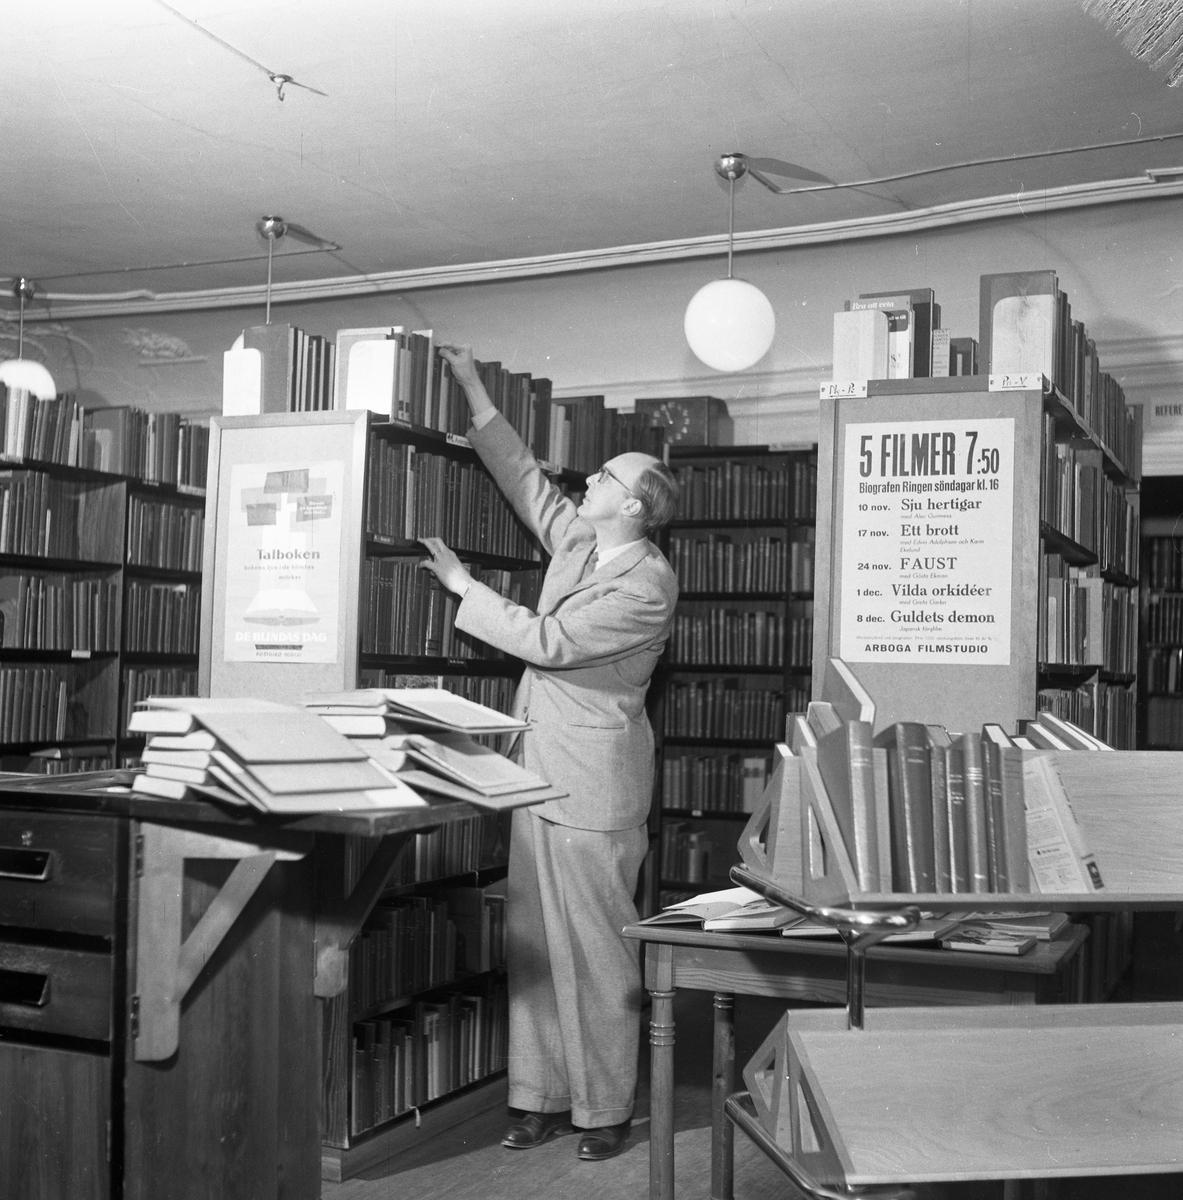 Bibliotekarie Östen Bengtsson. Biblioteket ligger på Nygatan (i gamla Gästis). Kostymklädd man som sätter upp böcker i bokhylla, omgiven av bokhyllor.